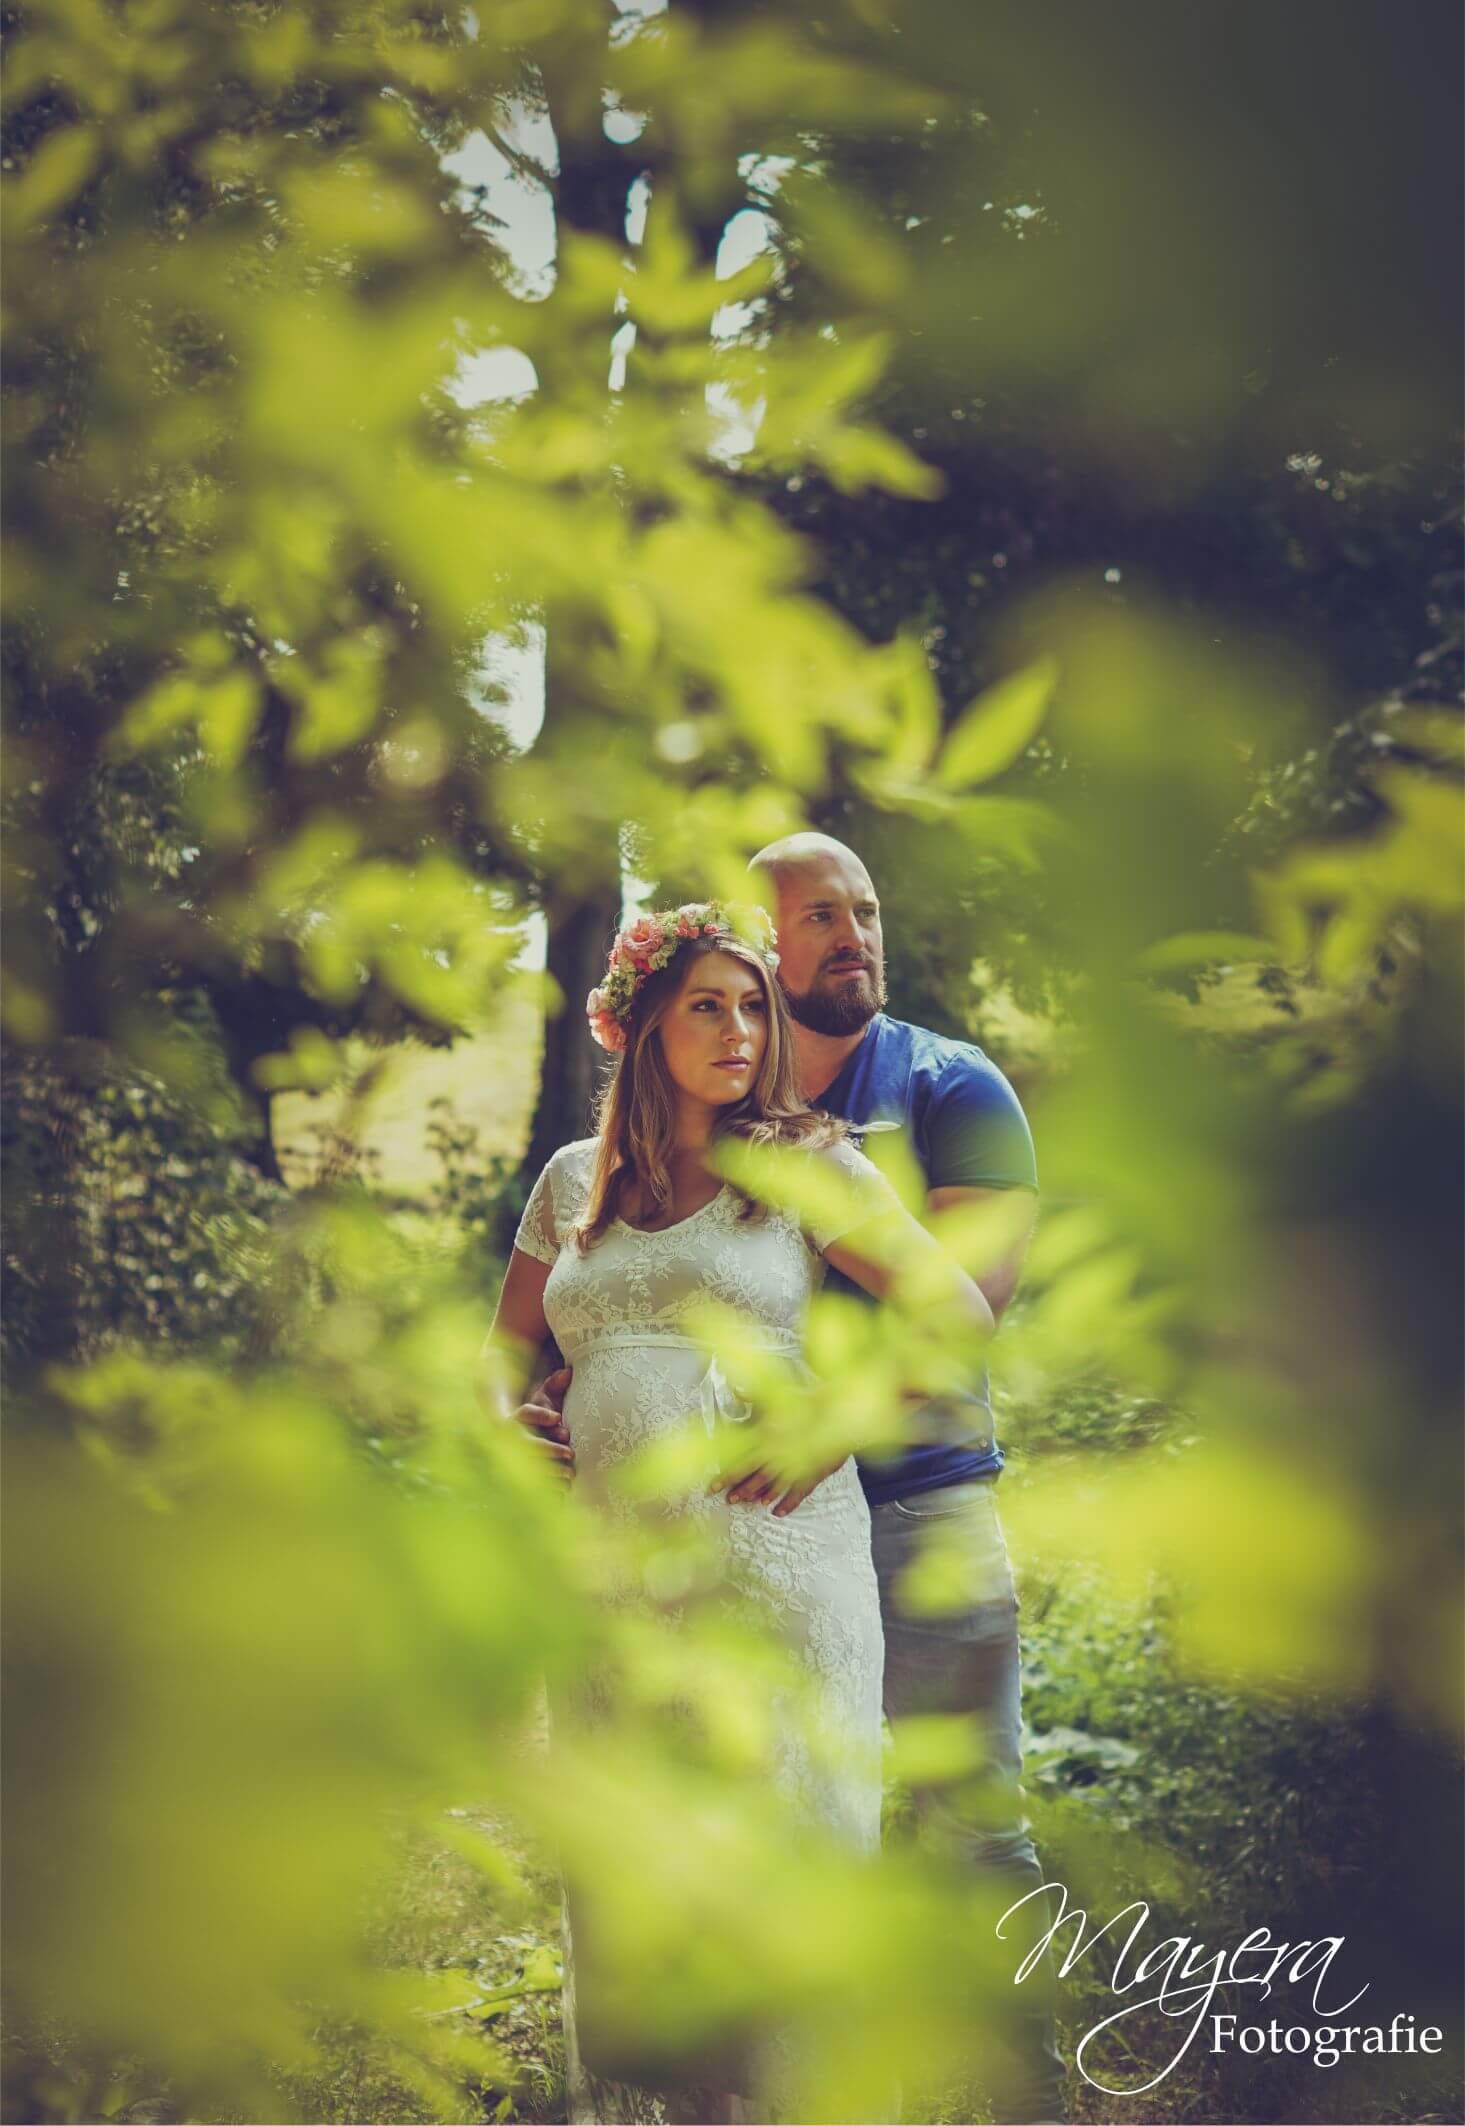 romantisch koppel zwangerschap bos 1